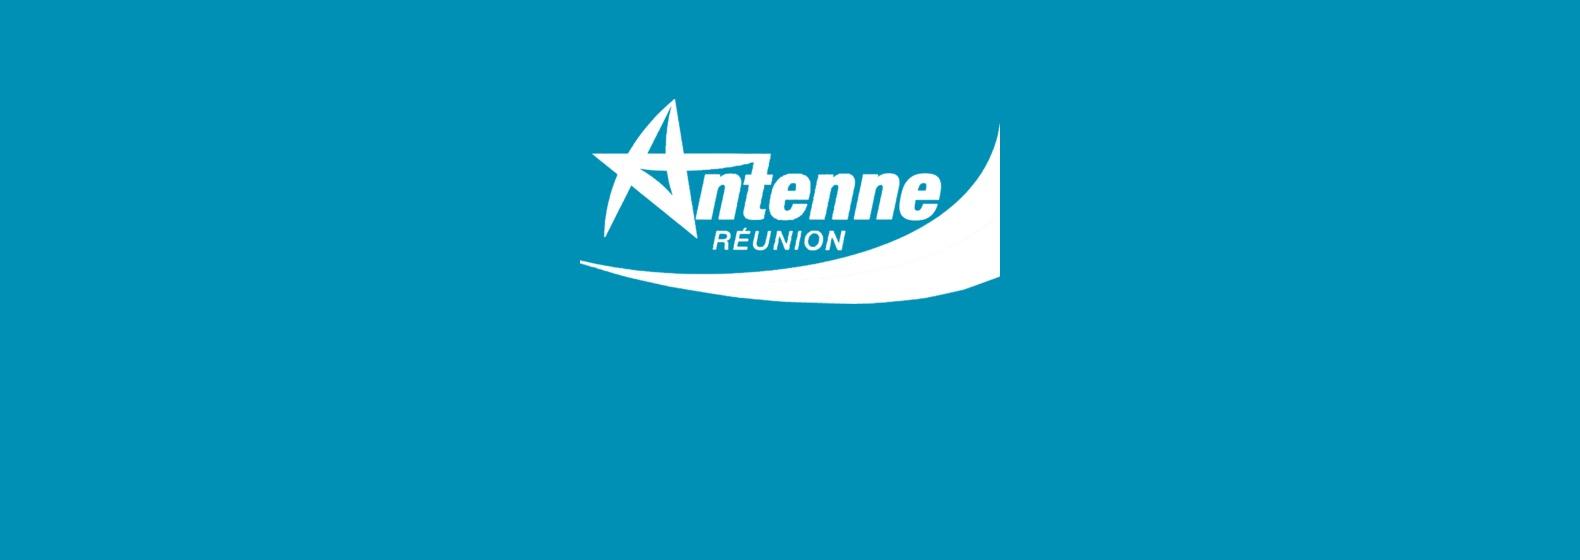 antenne-reunion.jpg